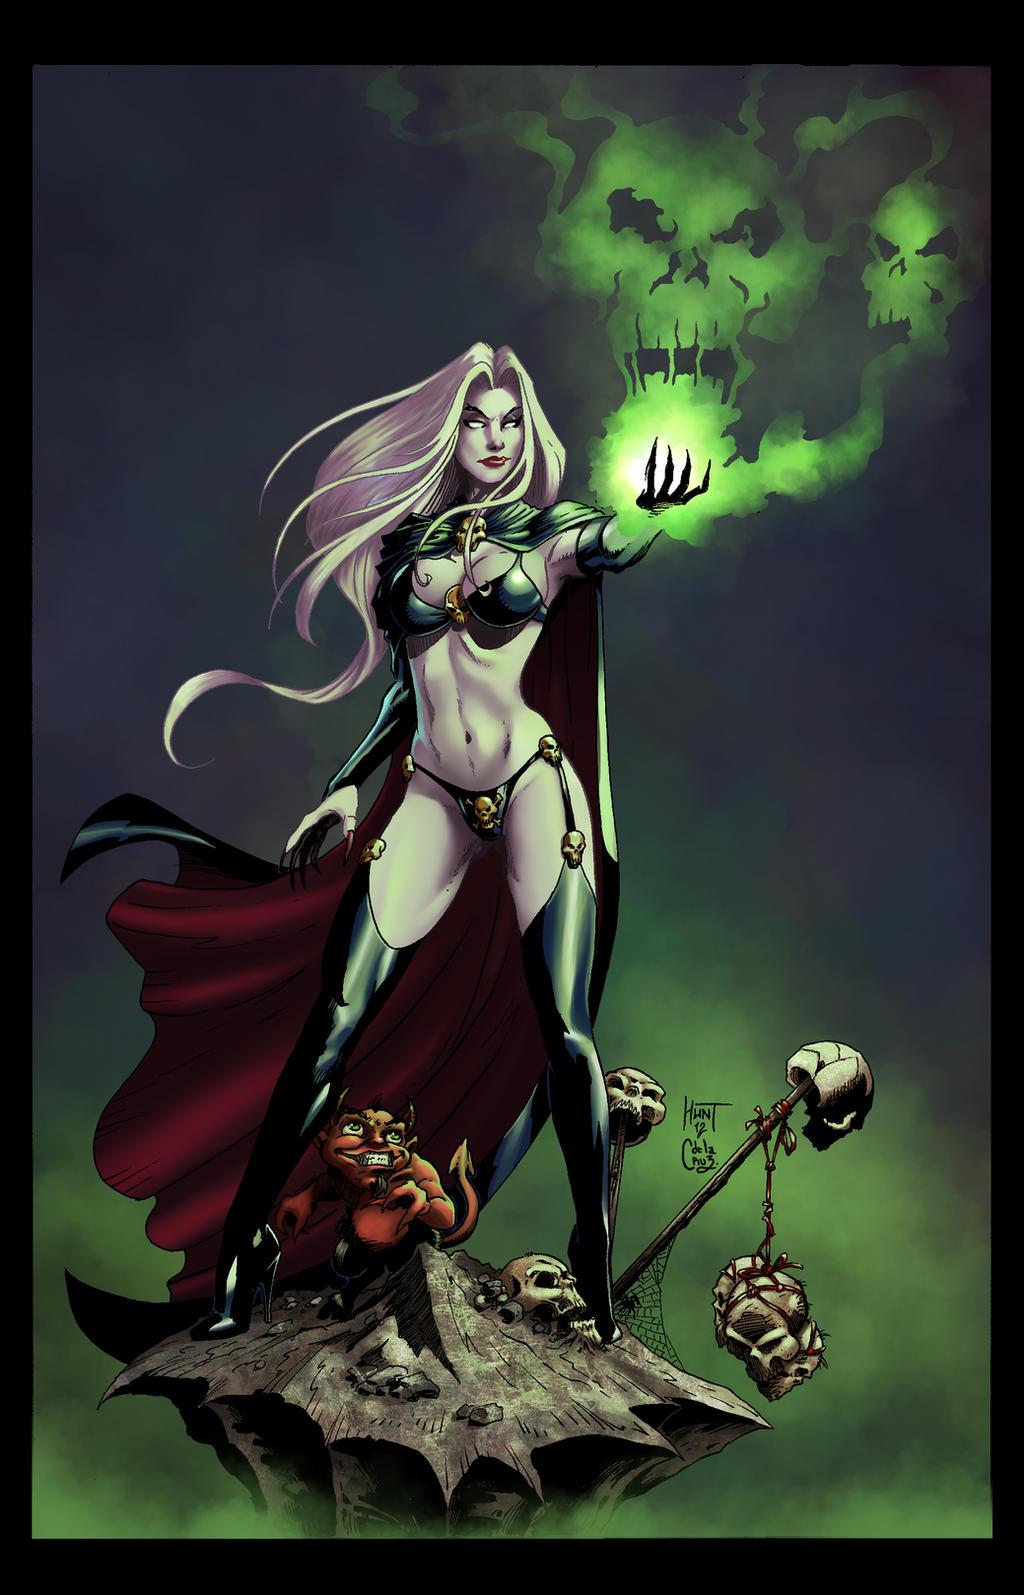 Lady Death by Vassya